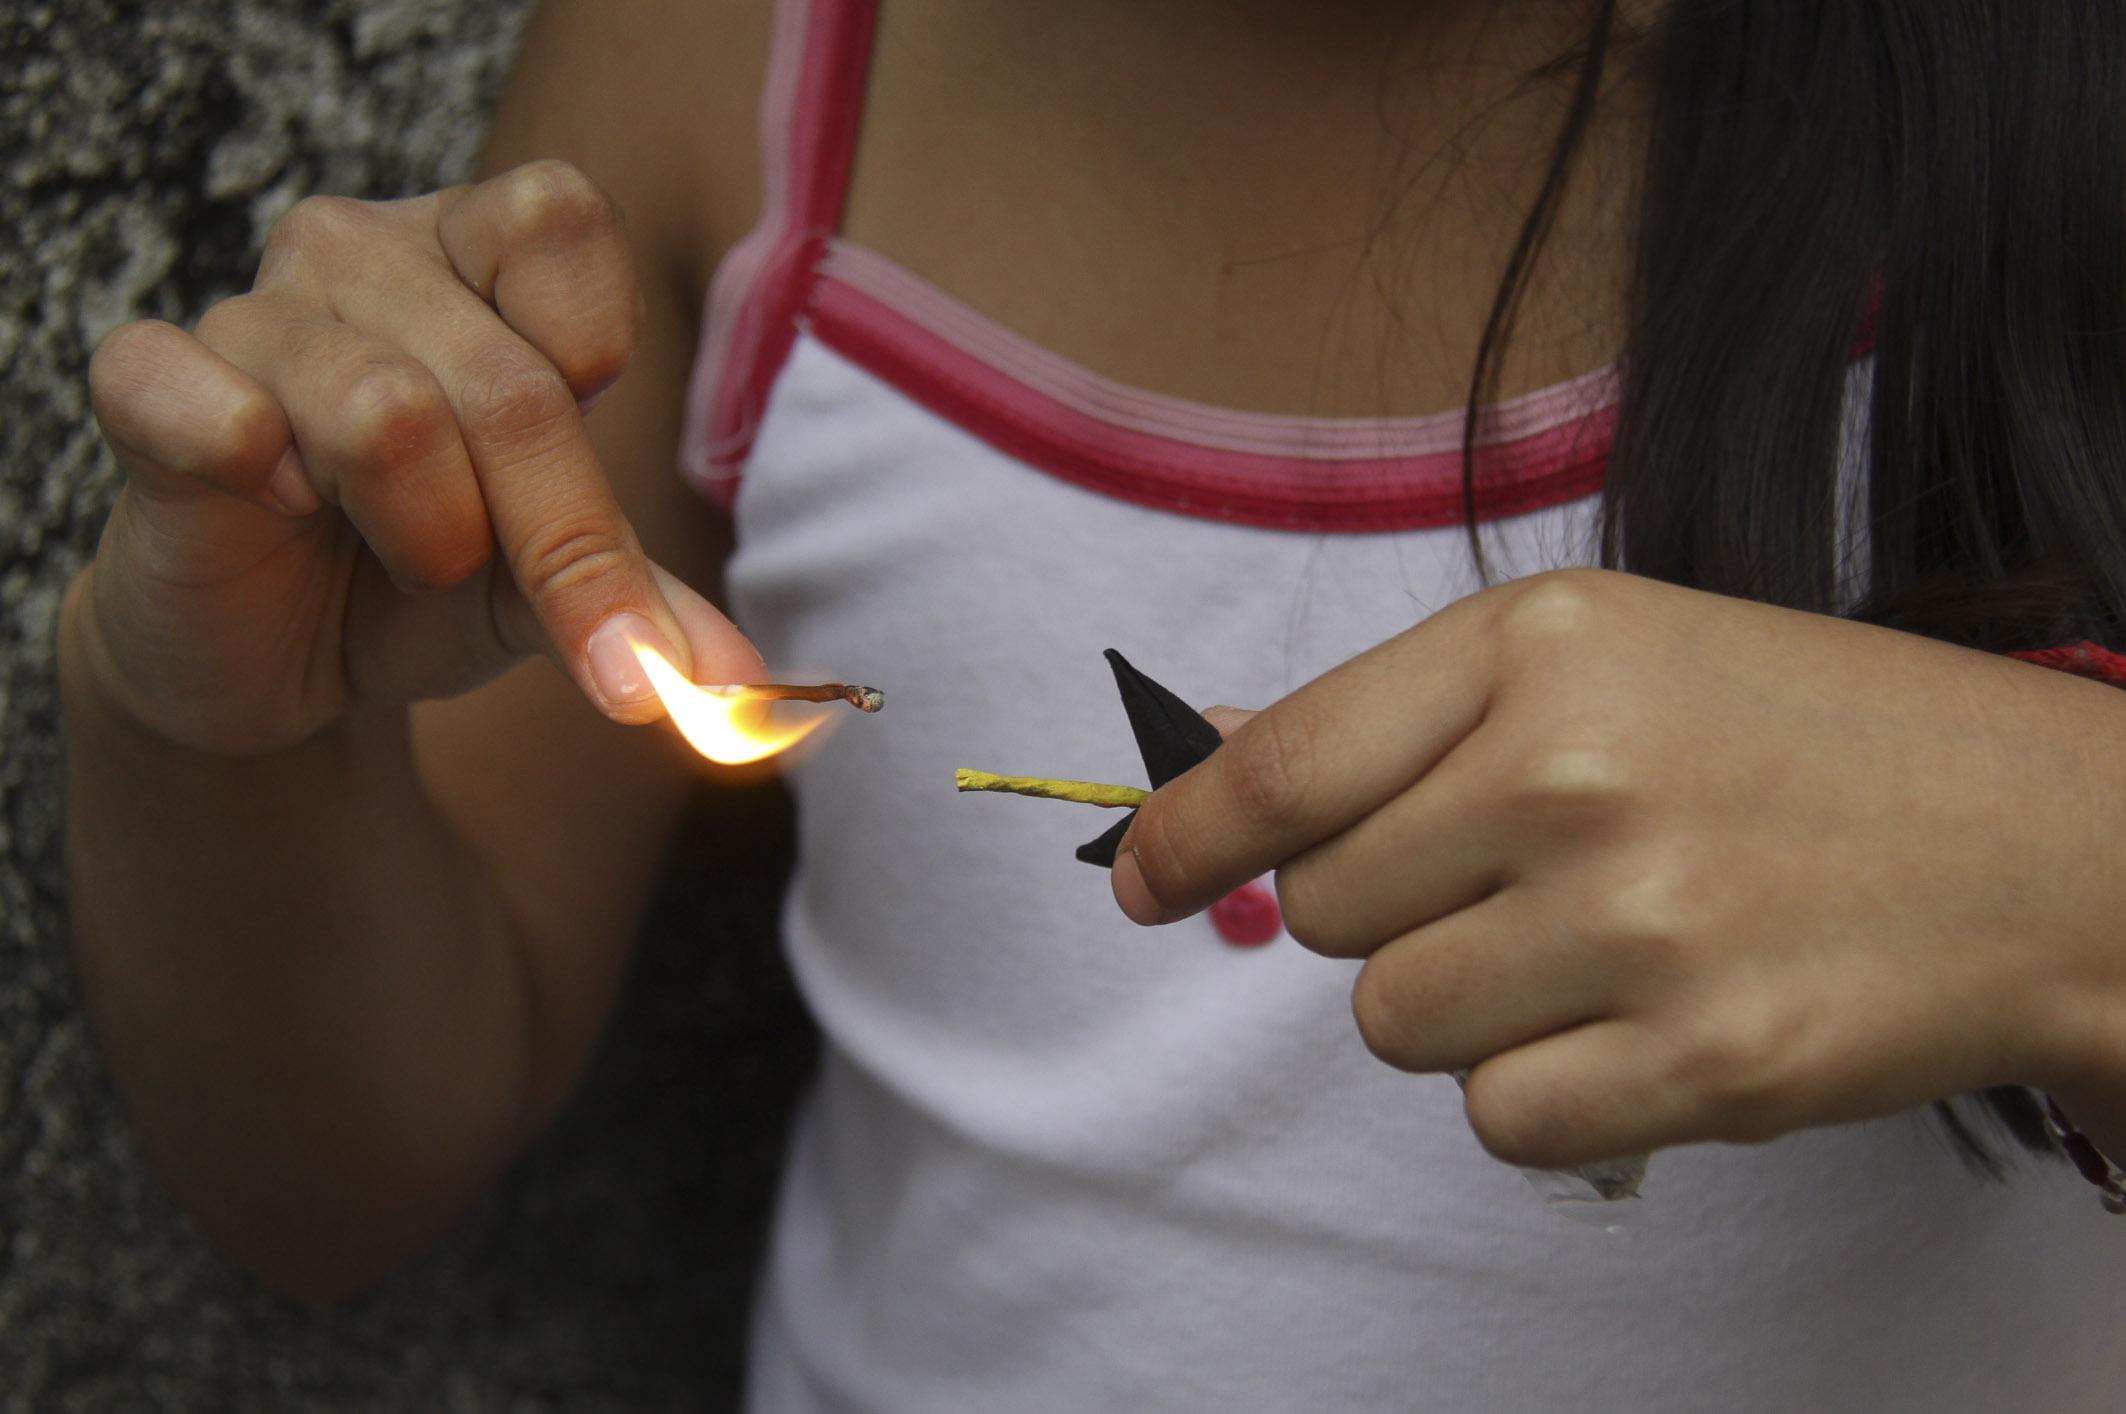 Continúa en aumento cifra de personas quemadas por pólvora